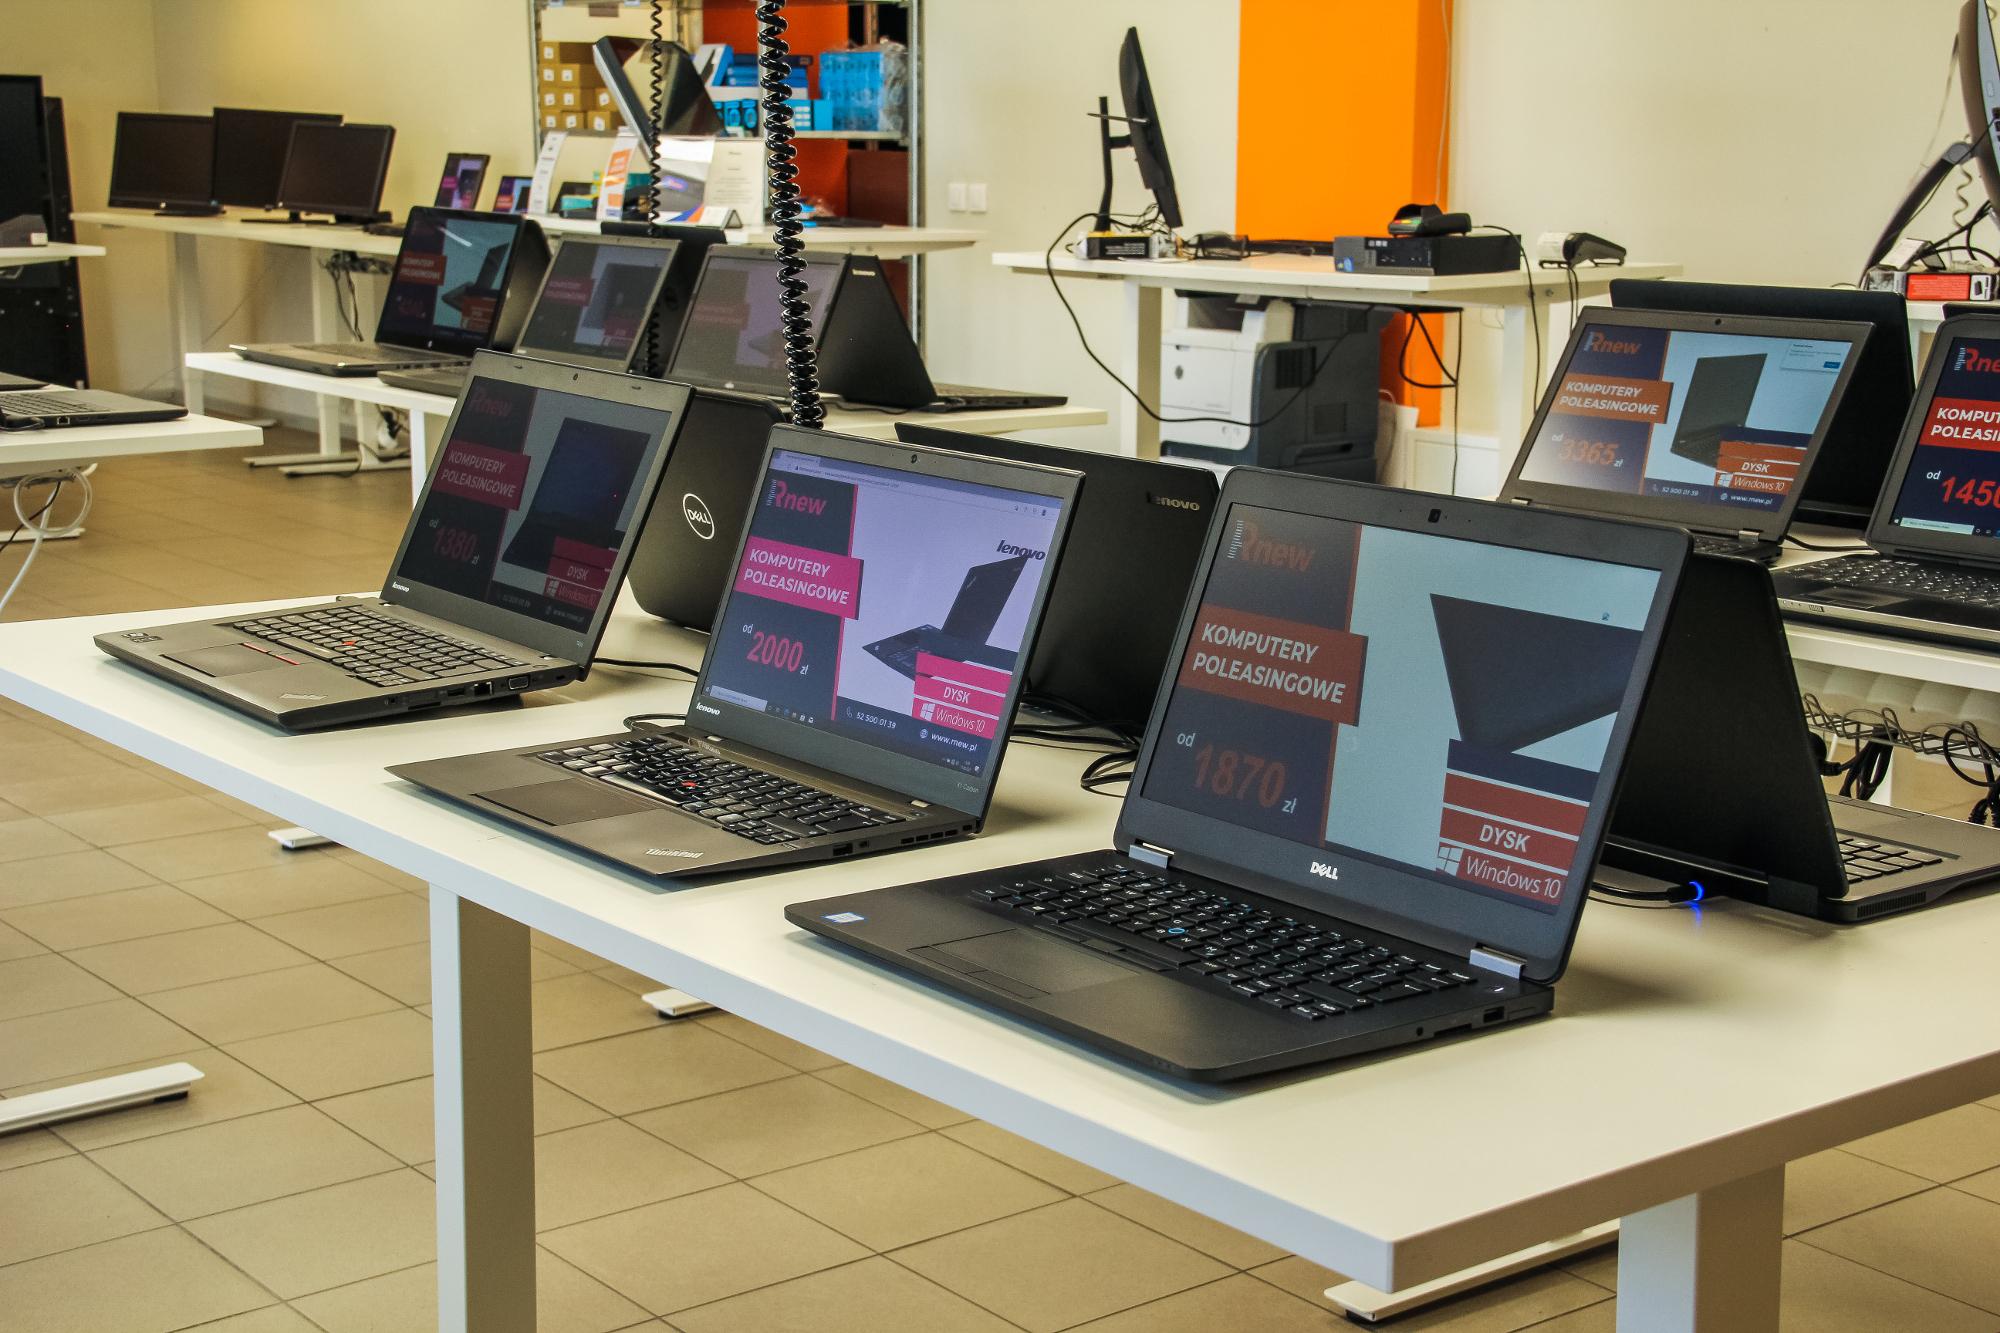 Komputery Laptopy Rnew